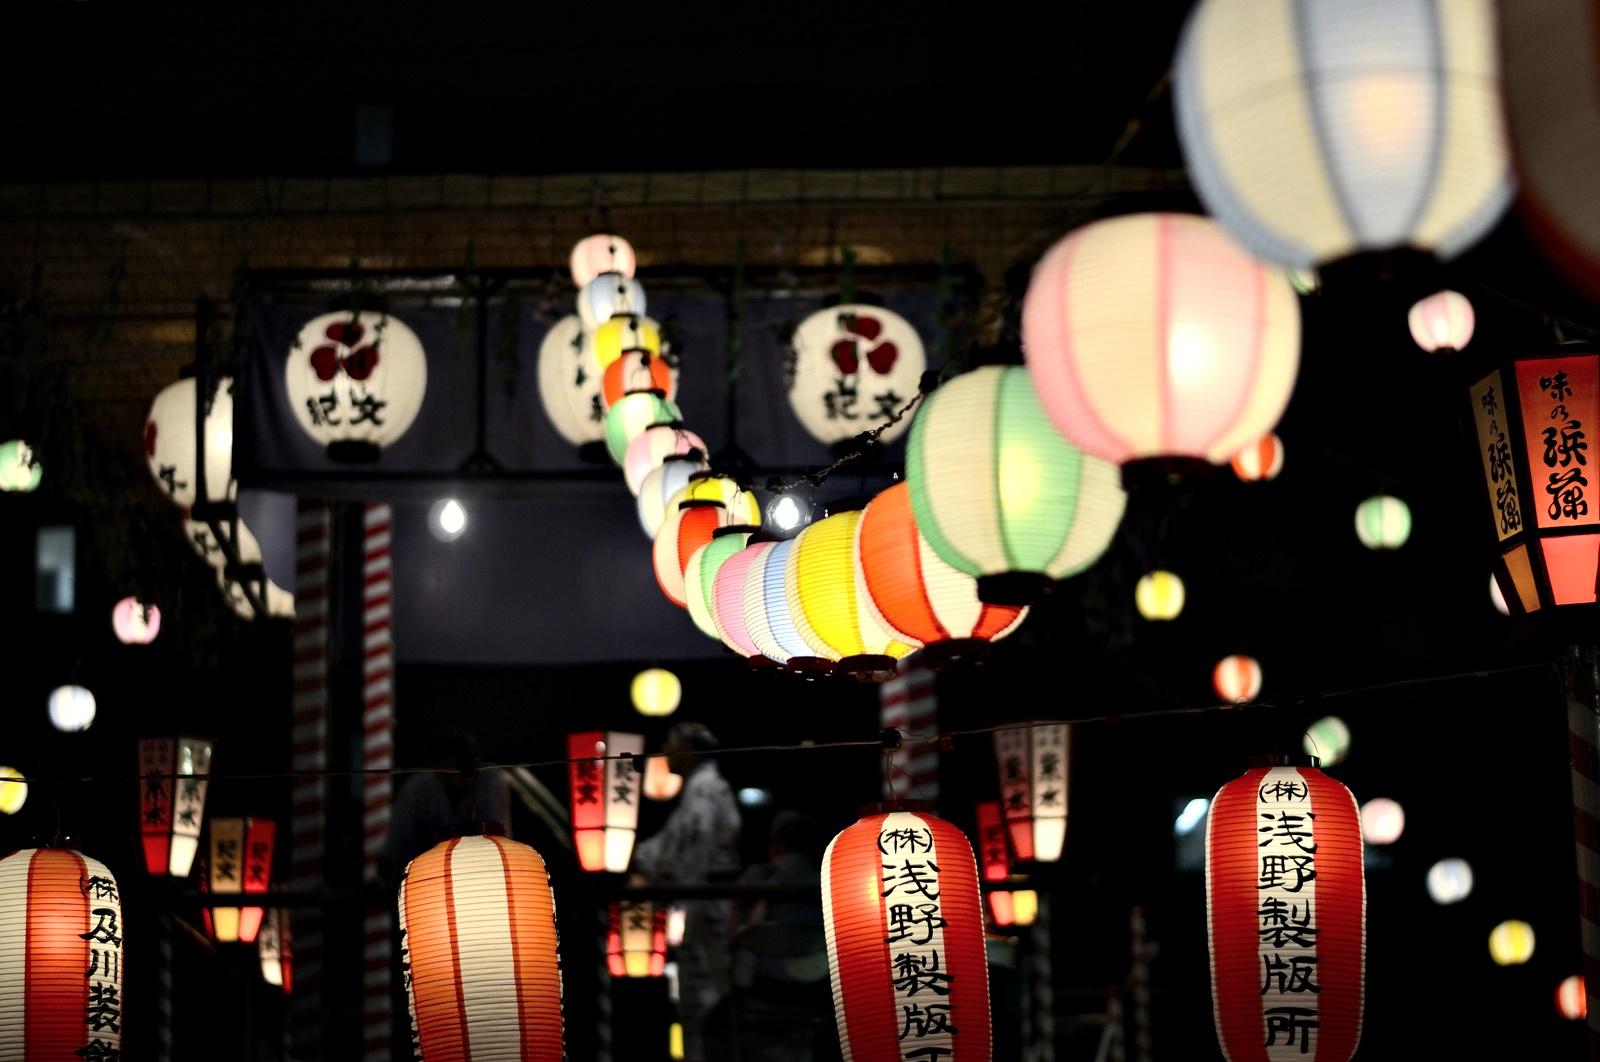 В Япония на 23 ноември всяка година се чества Ден на благодарността за труда. На този ден се отбелязва индустриалния напредък на държавата и един вид се благодари на работниците ѝ. Празникът датира от VII в. и днес се чества с различни фестивали из страната, като най-известен сред тях е Фестивалът на труда в Нагано, честващ природата, труда и човешките права.<br />